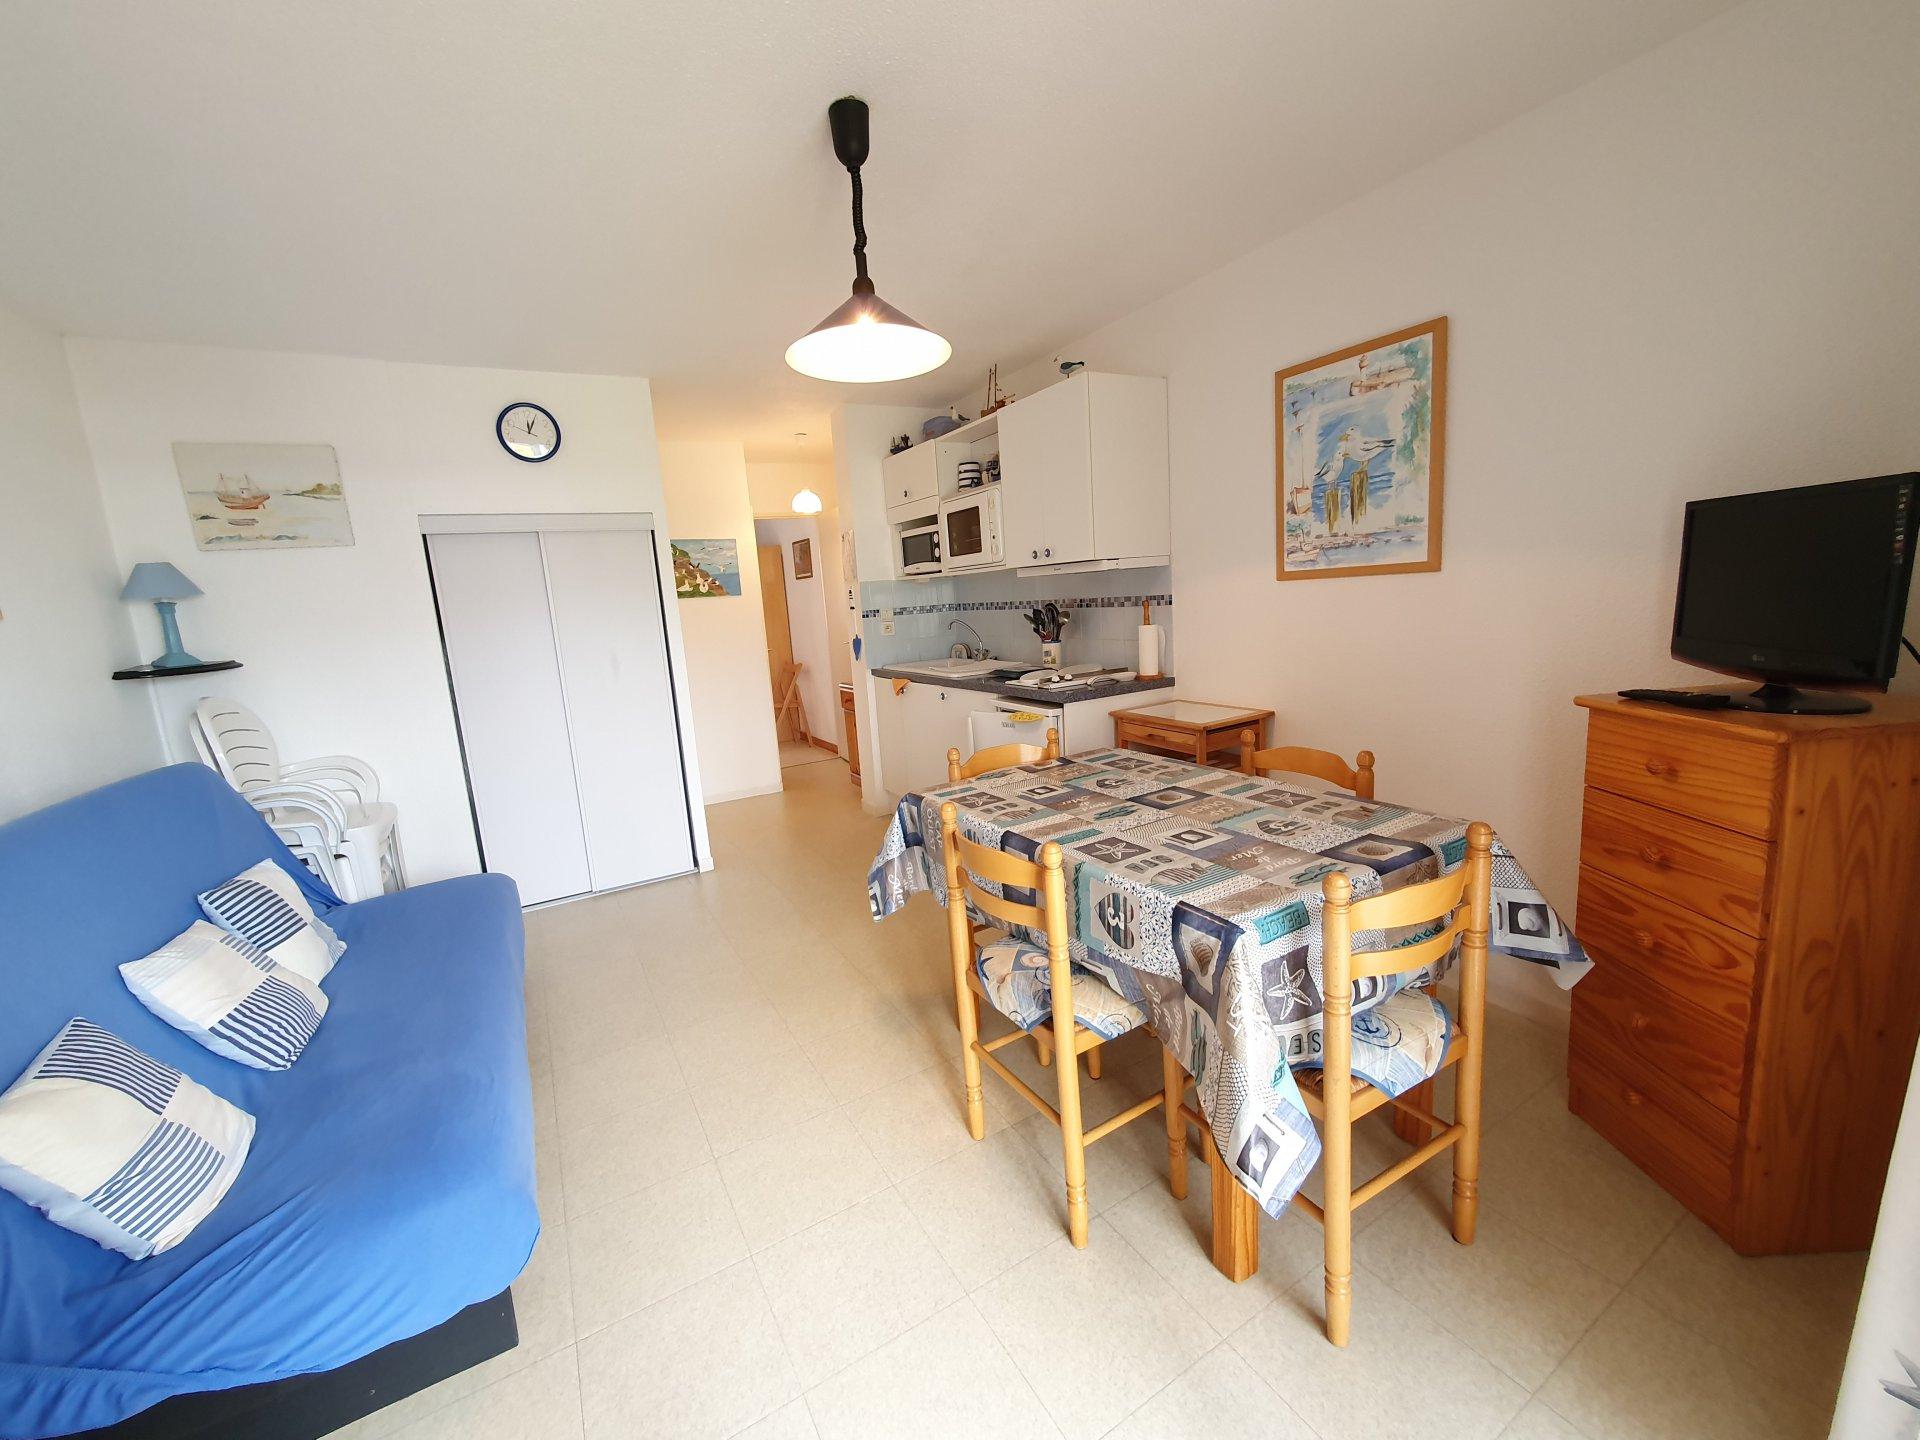 Appartement à louer à Damgan Appartement T2 rez-de-jardin